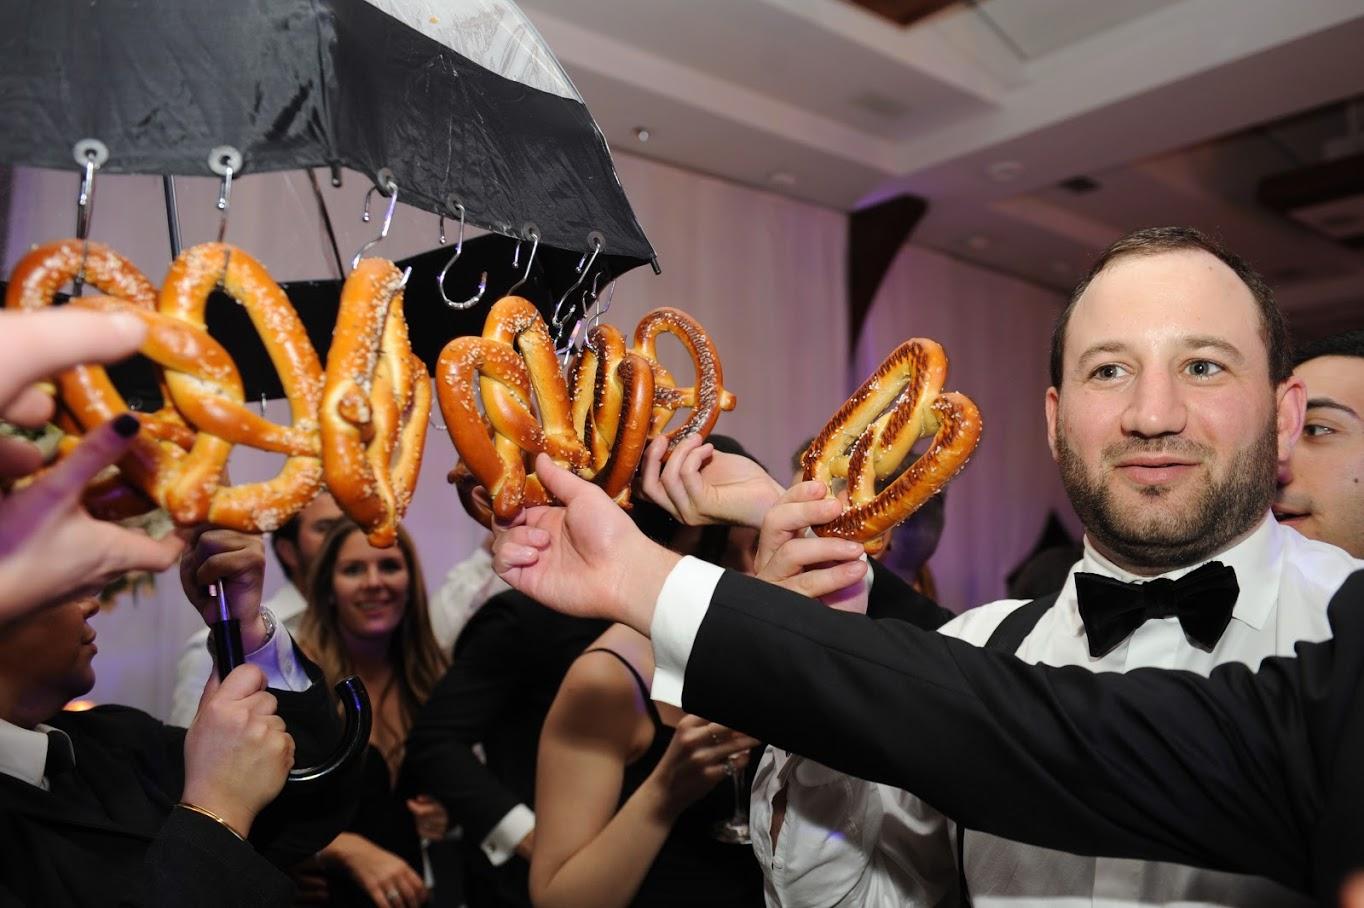 Guests grabbing pretzels